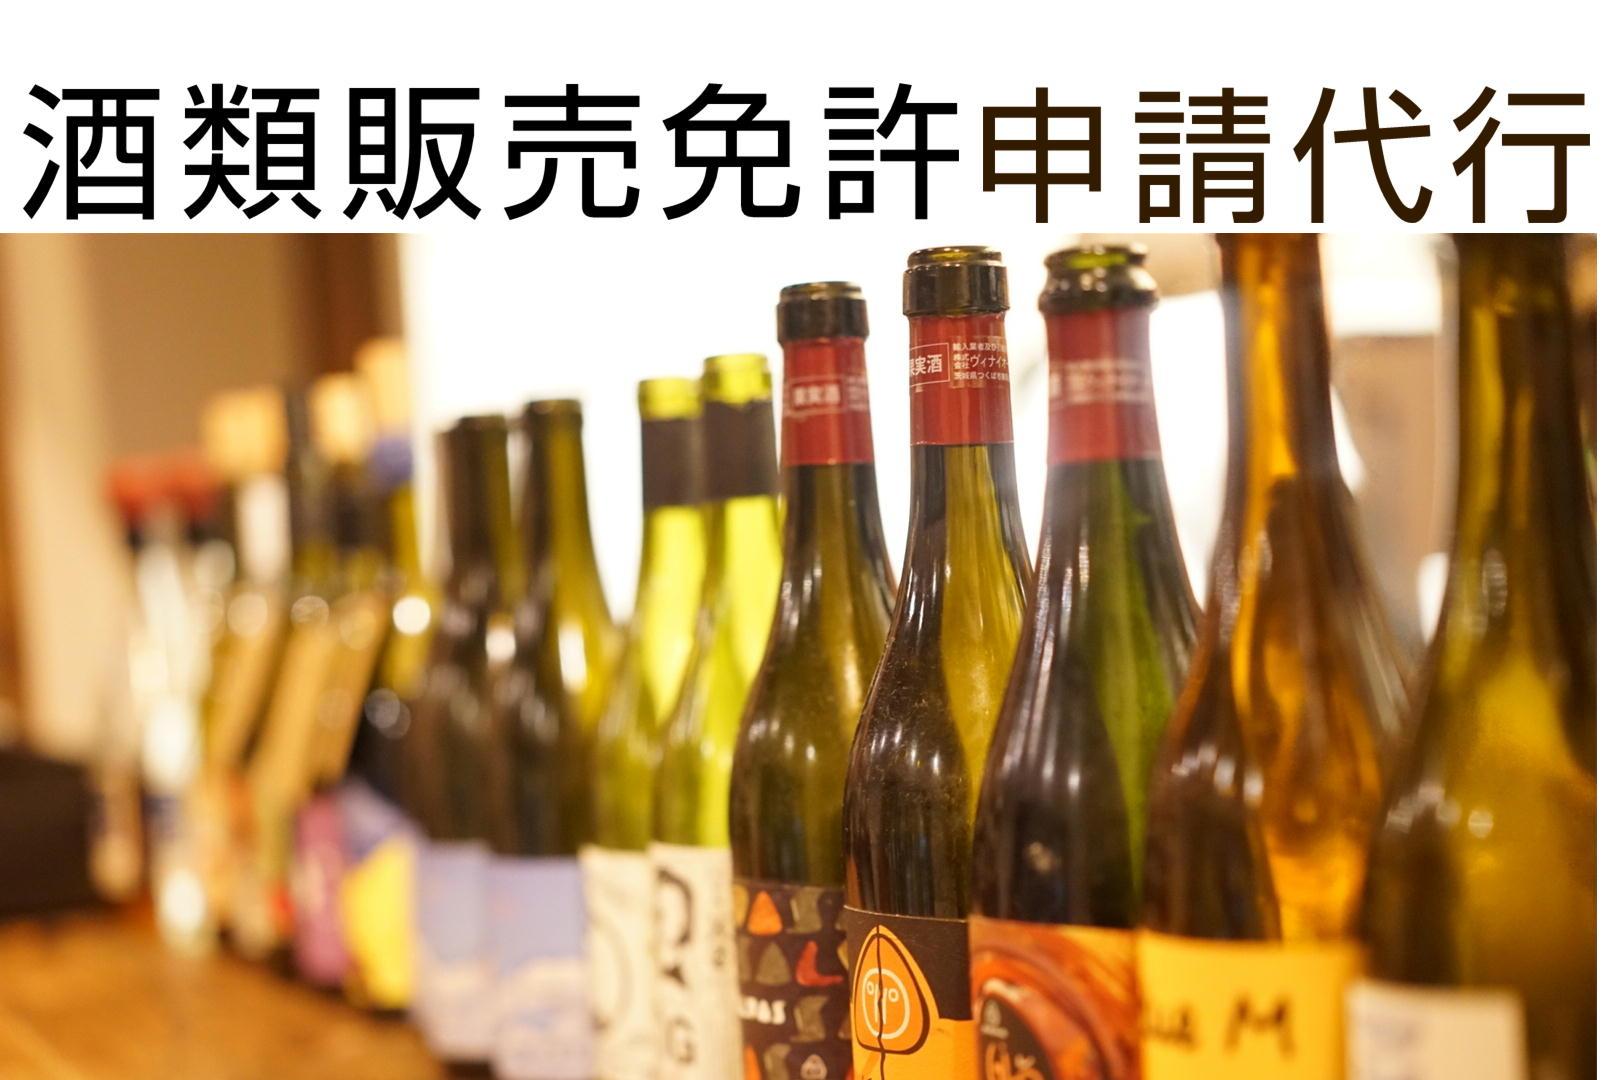 東京都の酒類販売業免許は港区行政書士事務所アーム法務事務所にお任せ